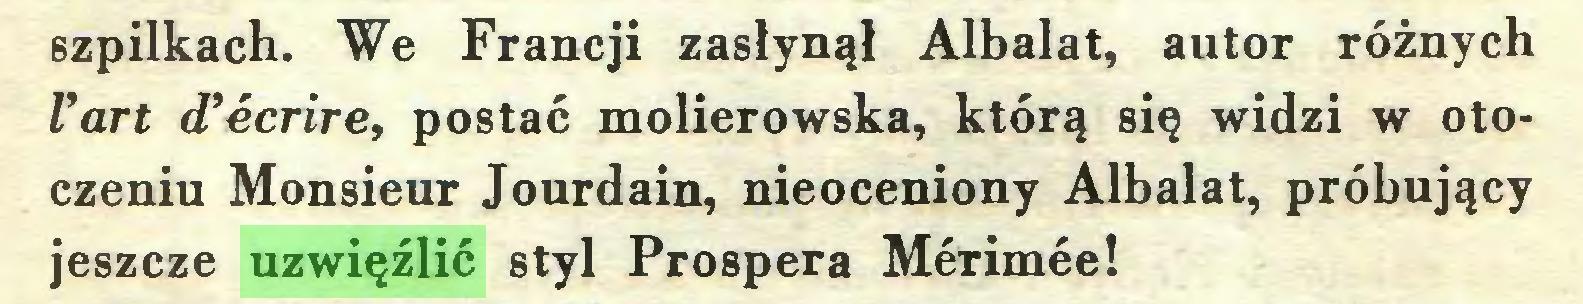 (...) szpilkach. We Francji zasłynął Albalat, autor różnych l'art d'écrire, postać molierowska, którą się widzi w otoczeniu Monsieur Jourdain, nieoceniony Albalat, próbujący jeszcze uzwięźlić styl Prospera Mérimée!...